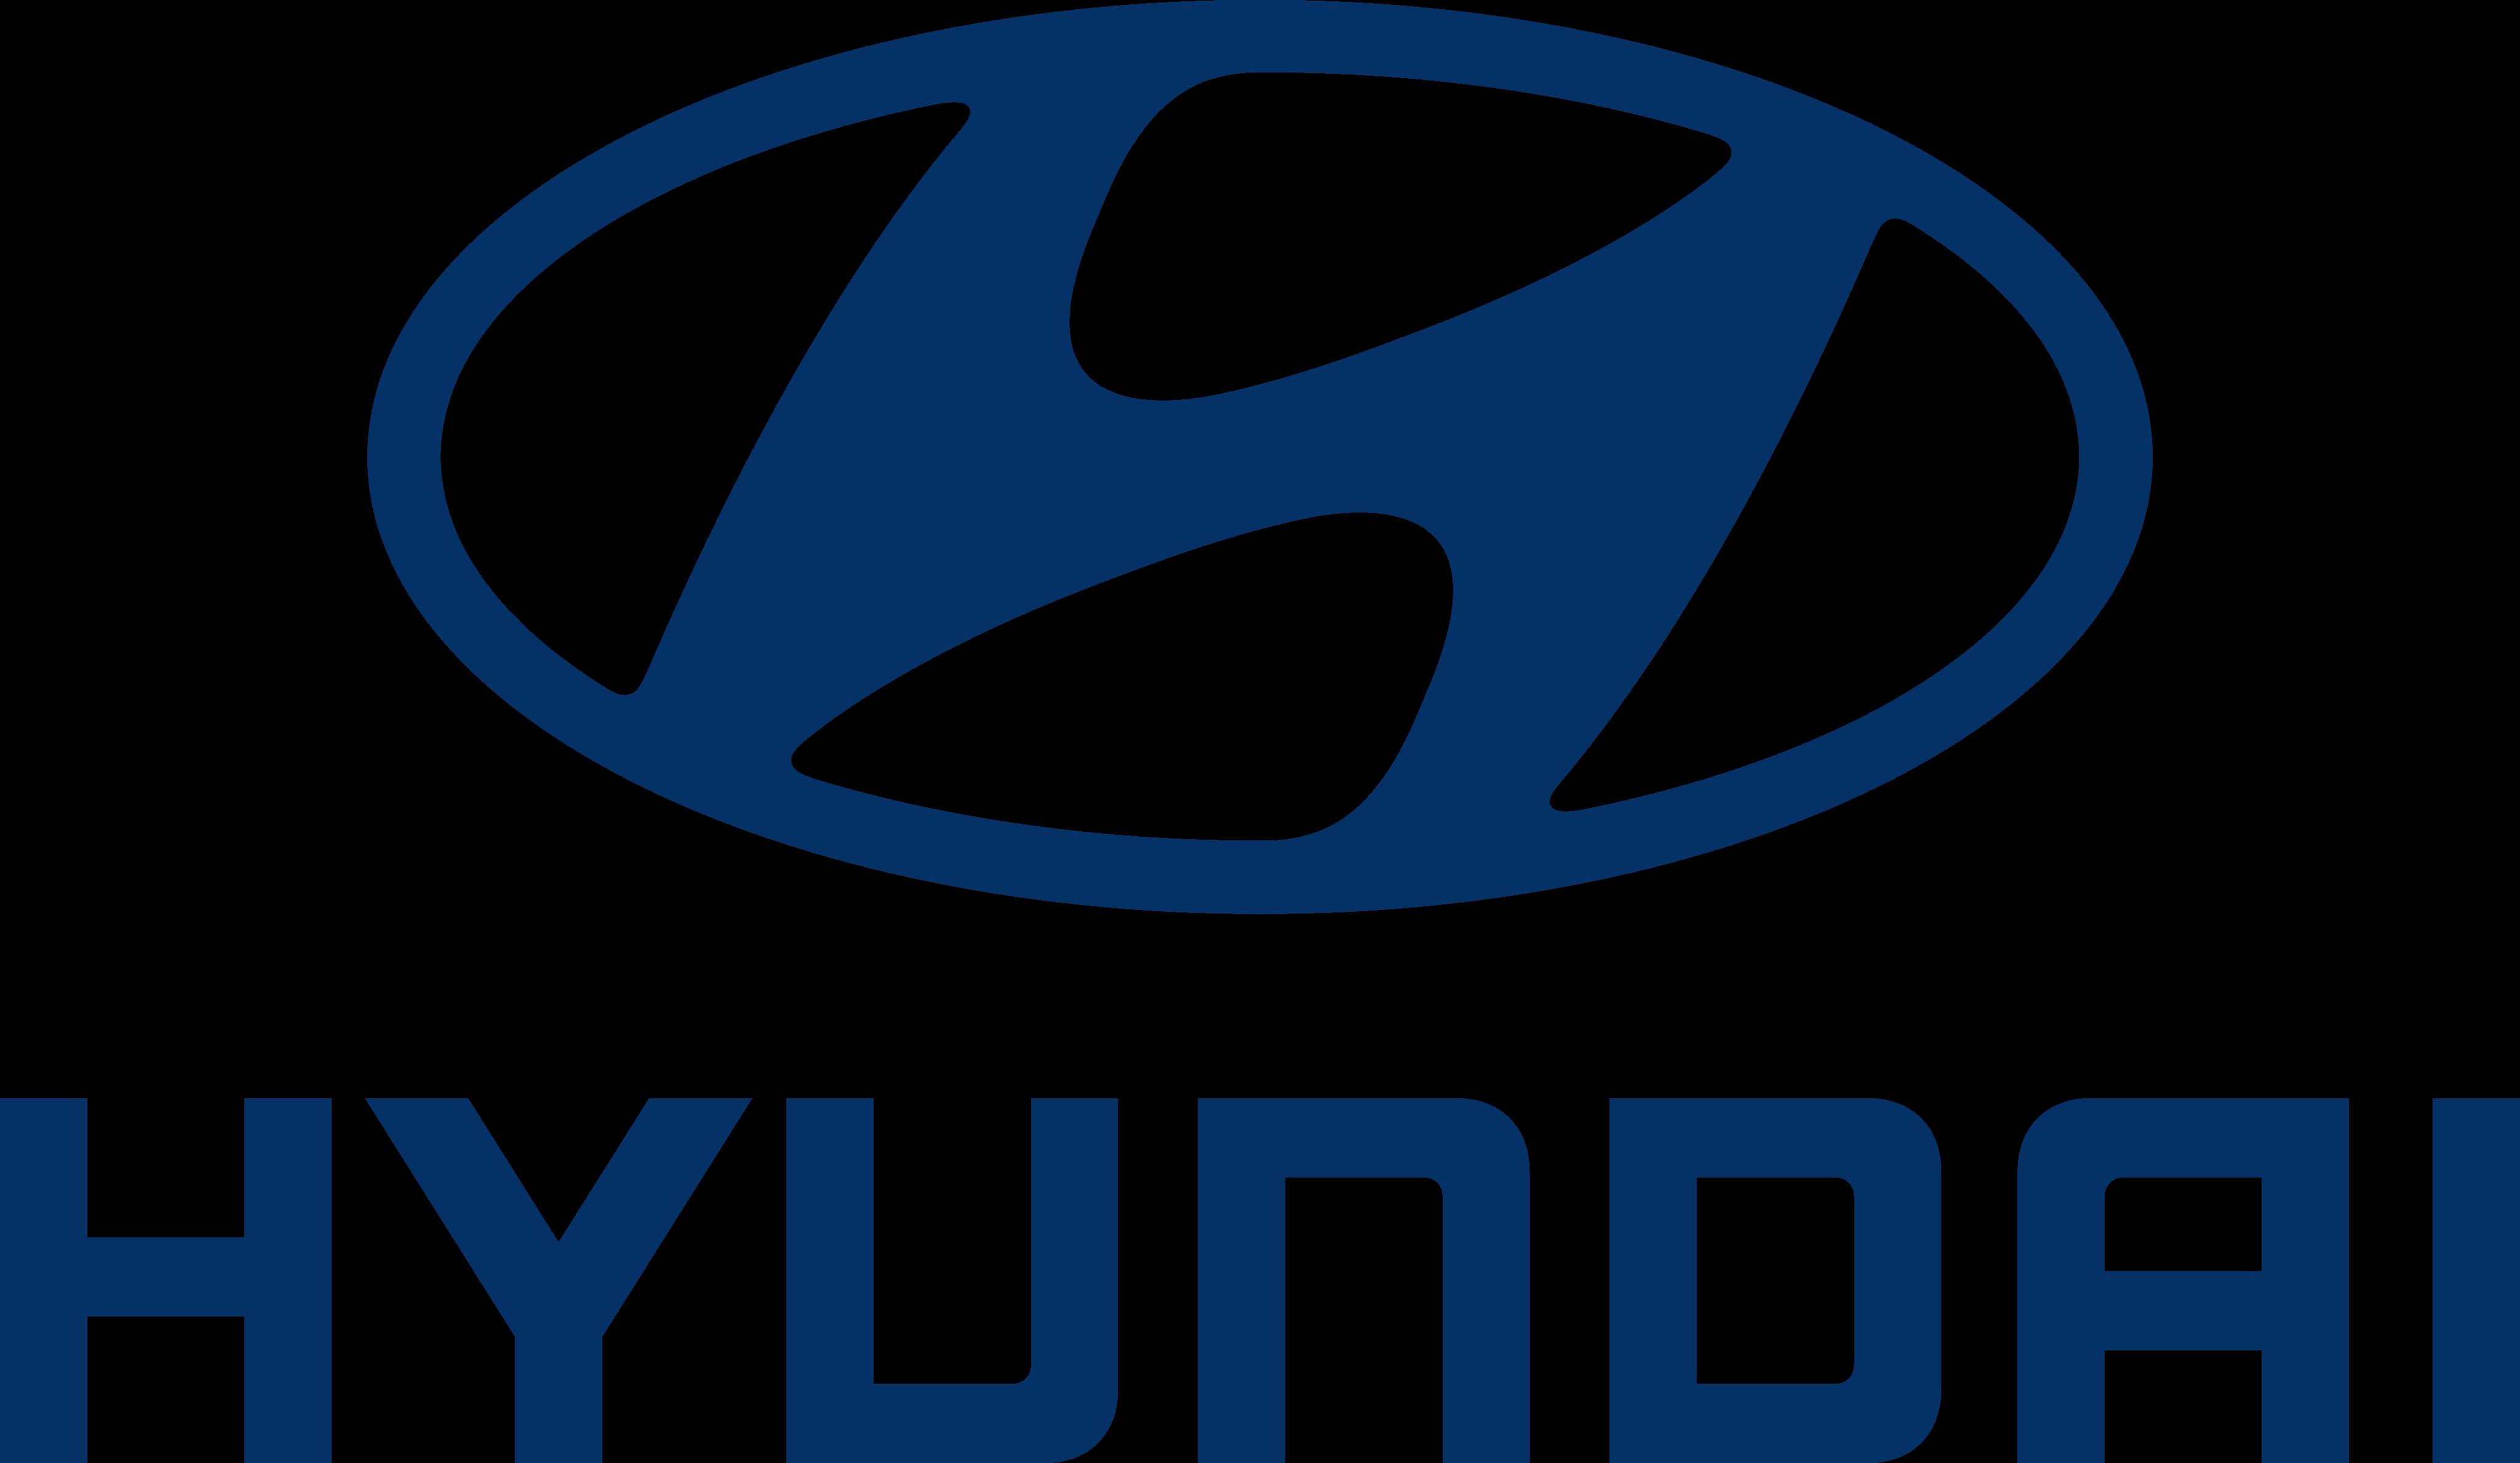 hyundai logo - Hyundai Logo